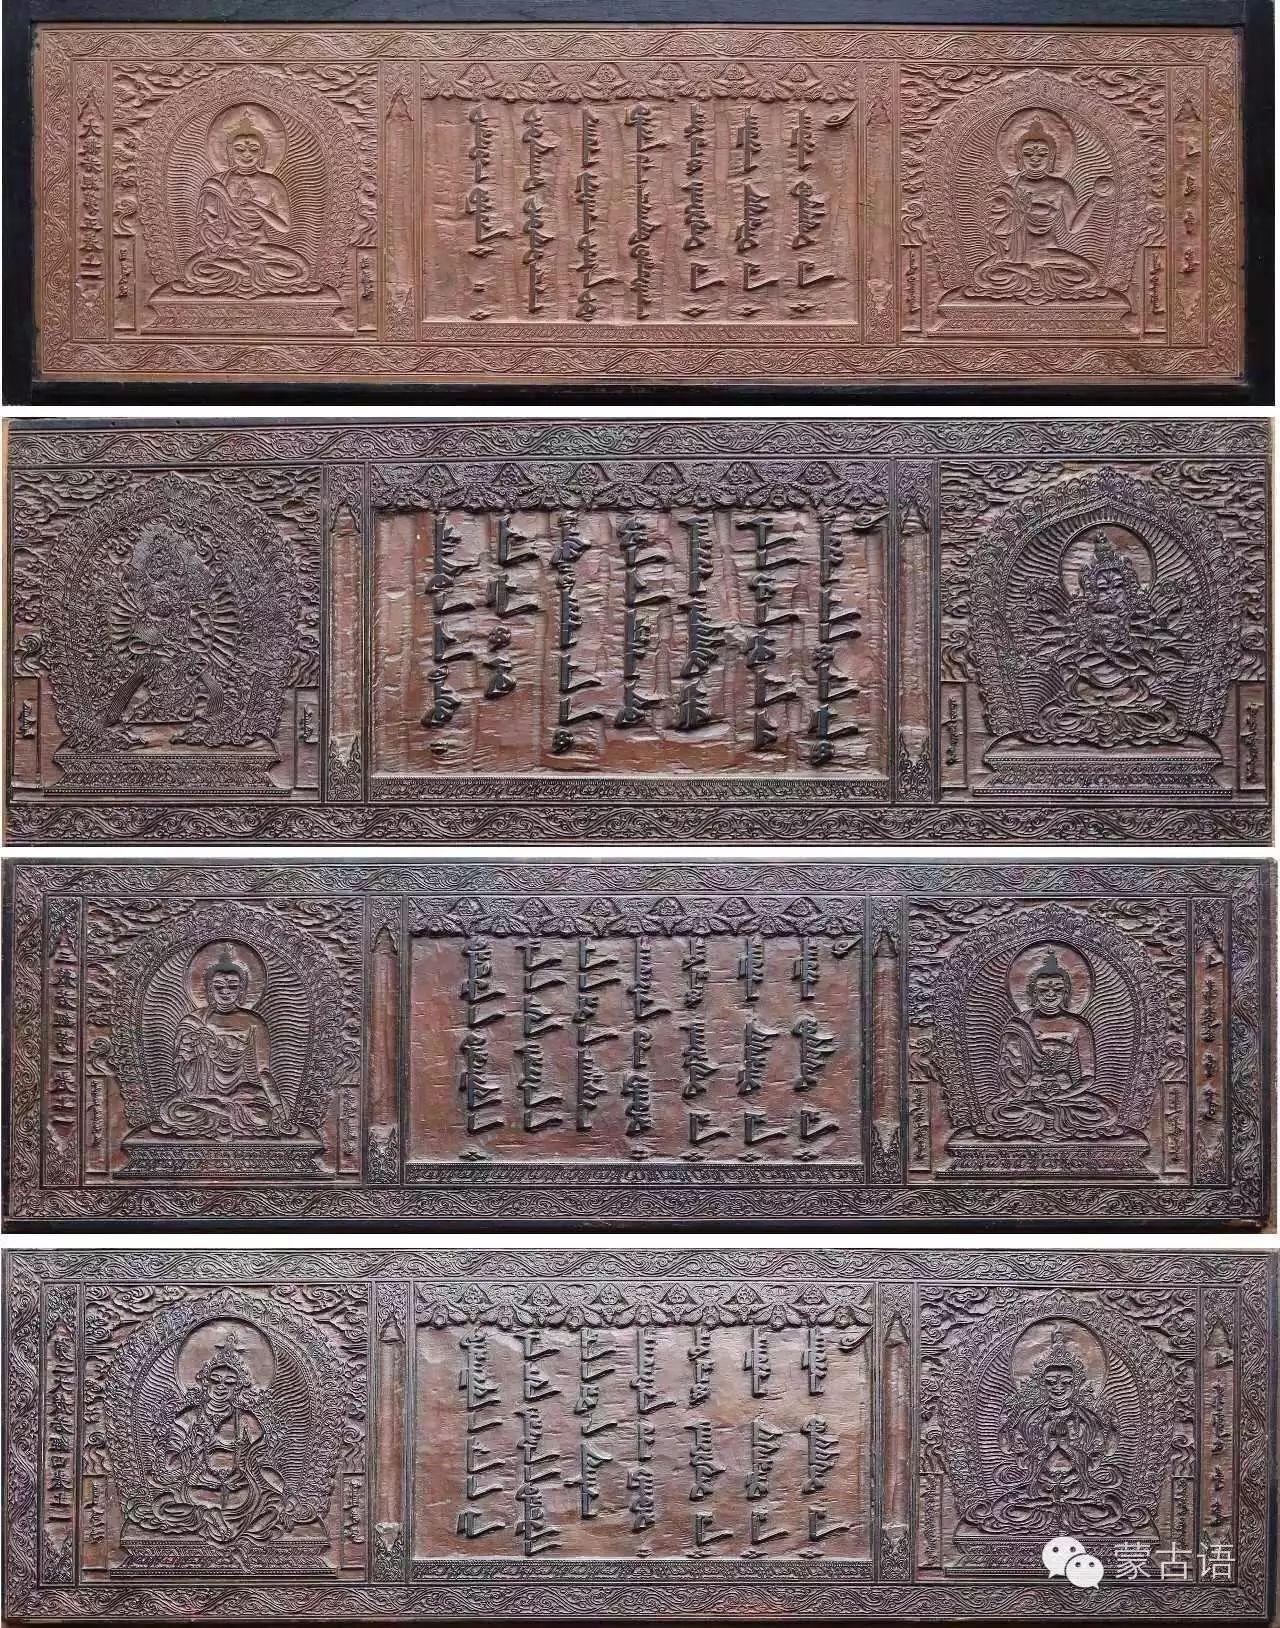 【文化】清康乾宫廷内府刻蒙古文《大藏经》印经板 第4张